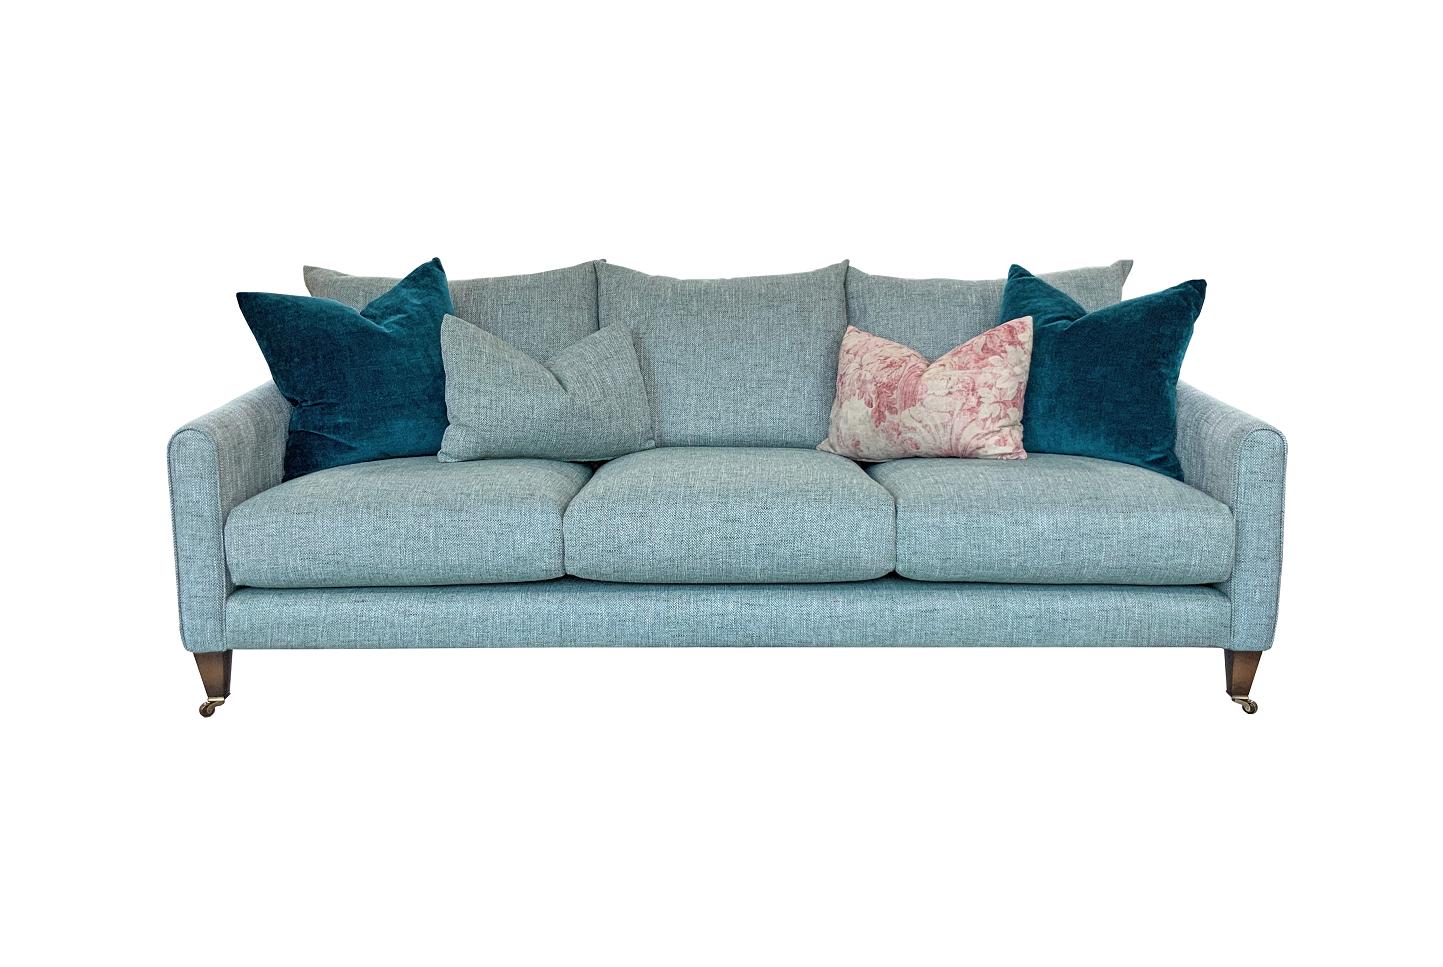 Harling 4 Seater Sofa